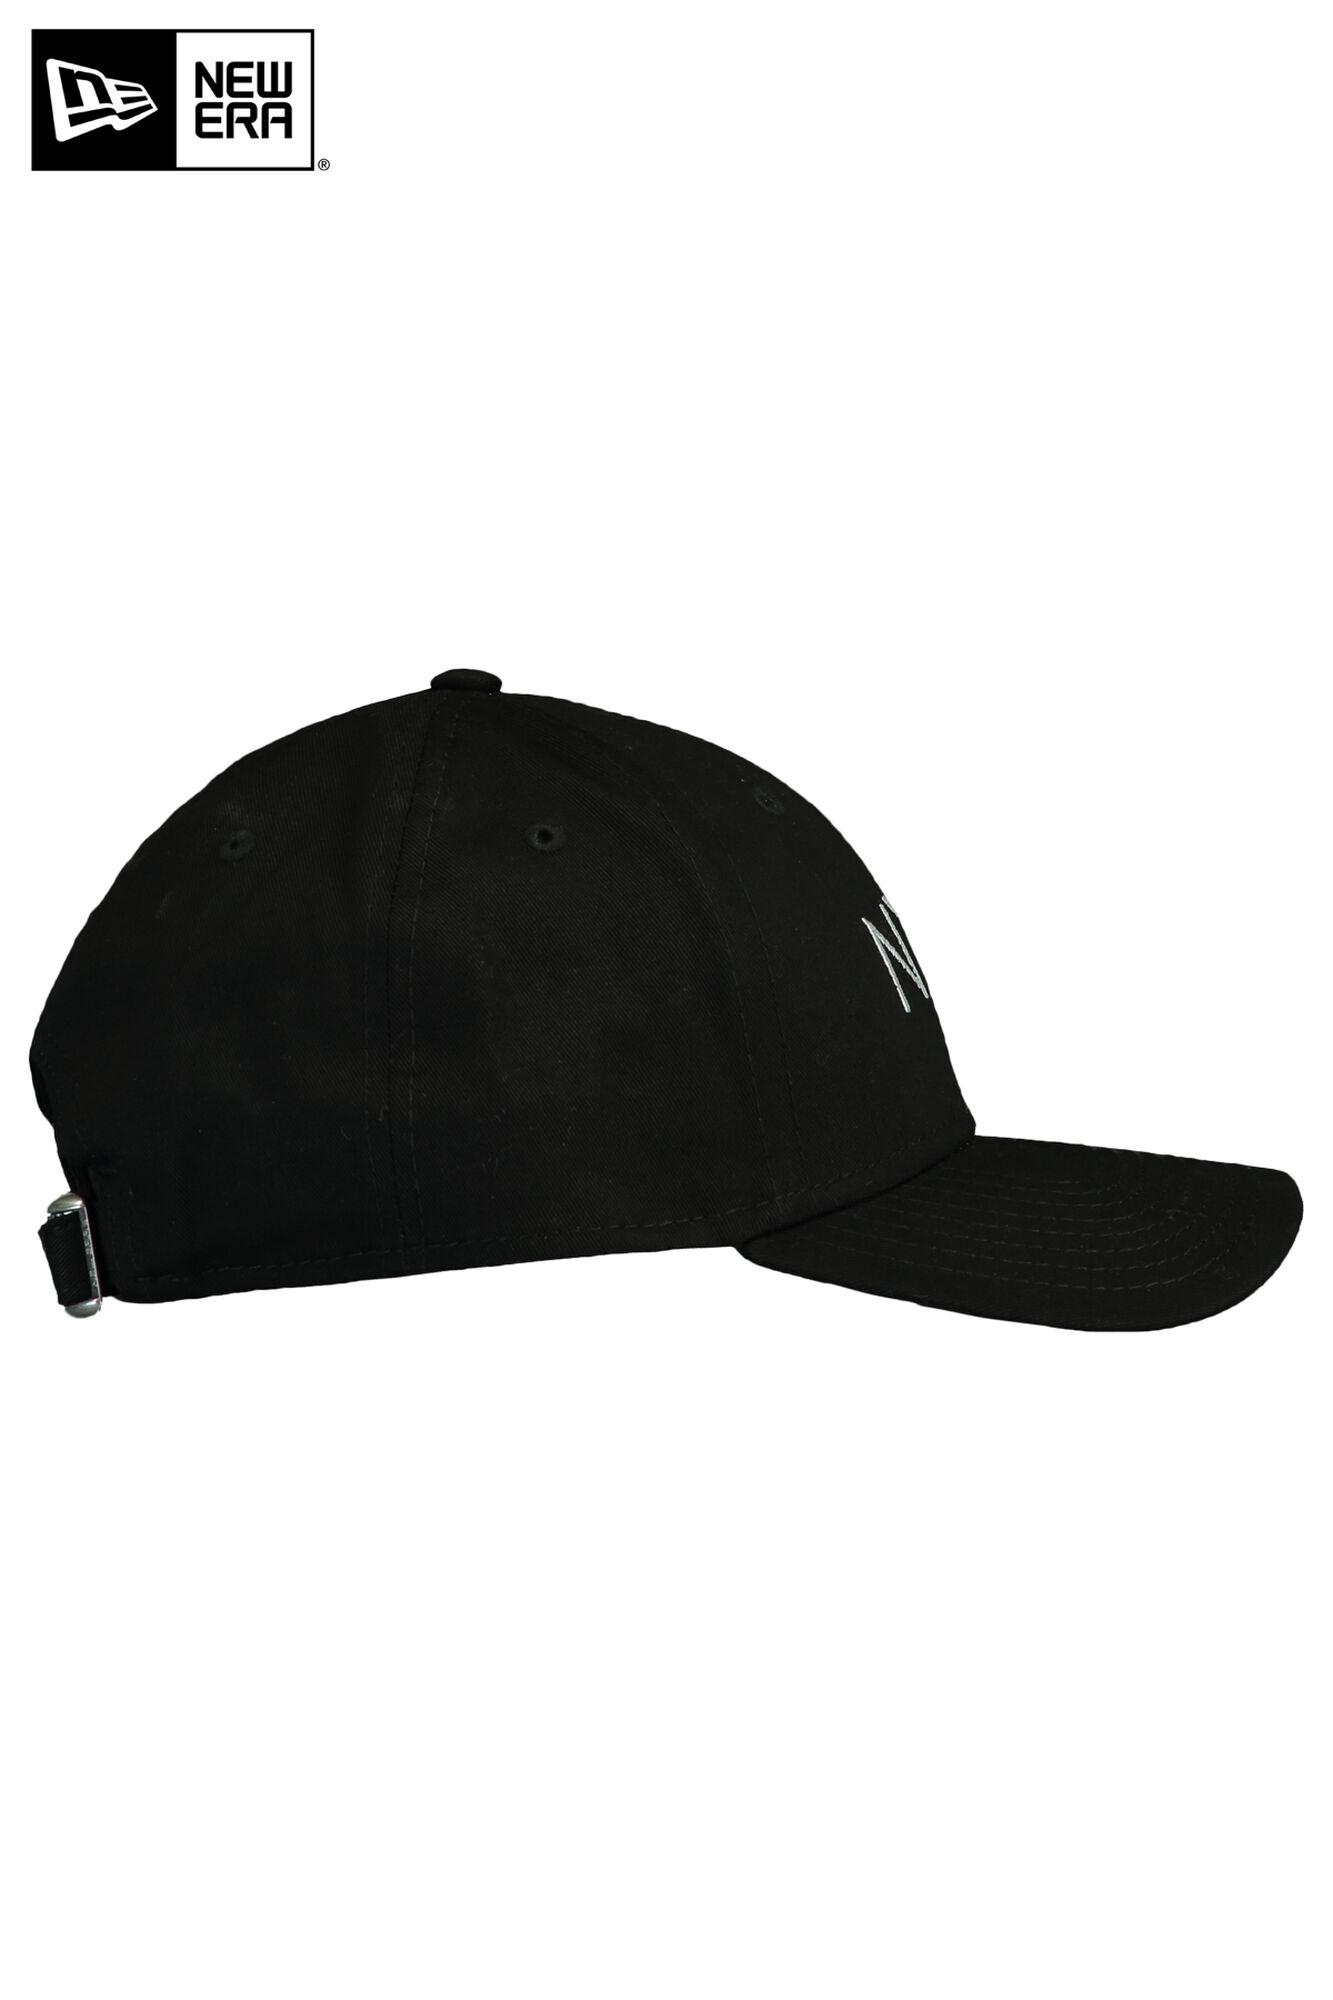 4e9a953f0 Men Cap New Era Essential 9 Forty Black Buy Online